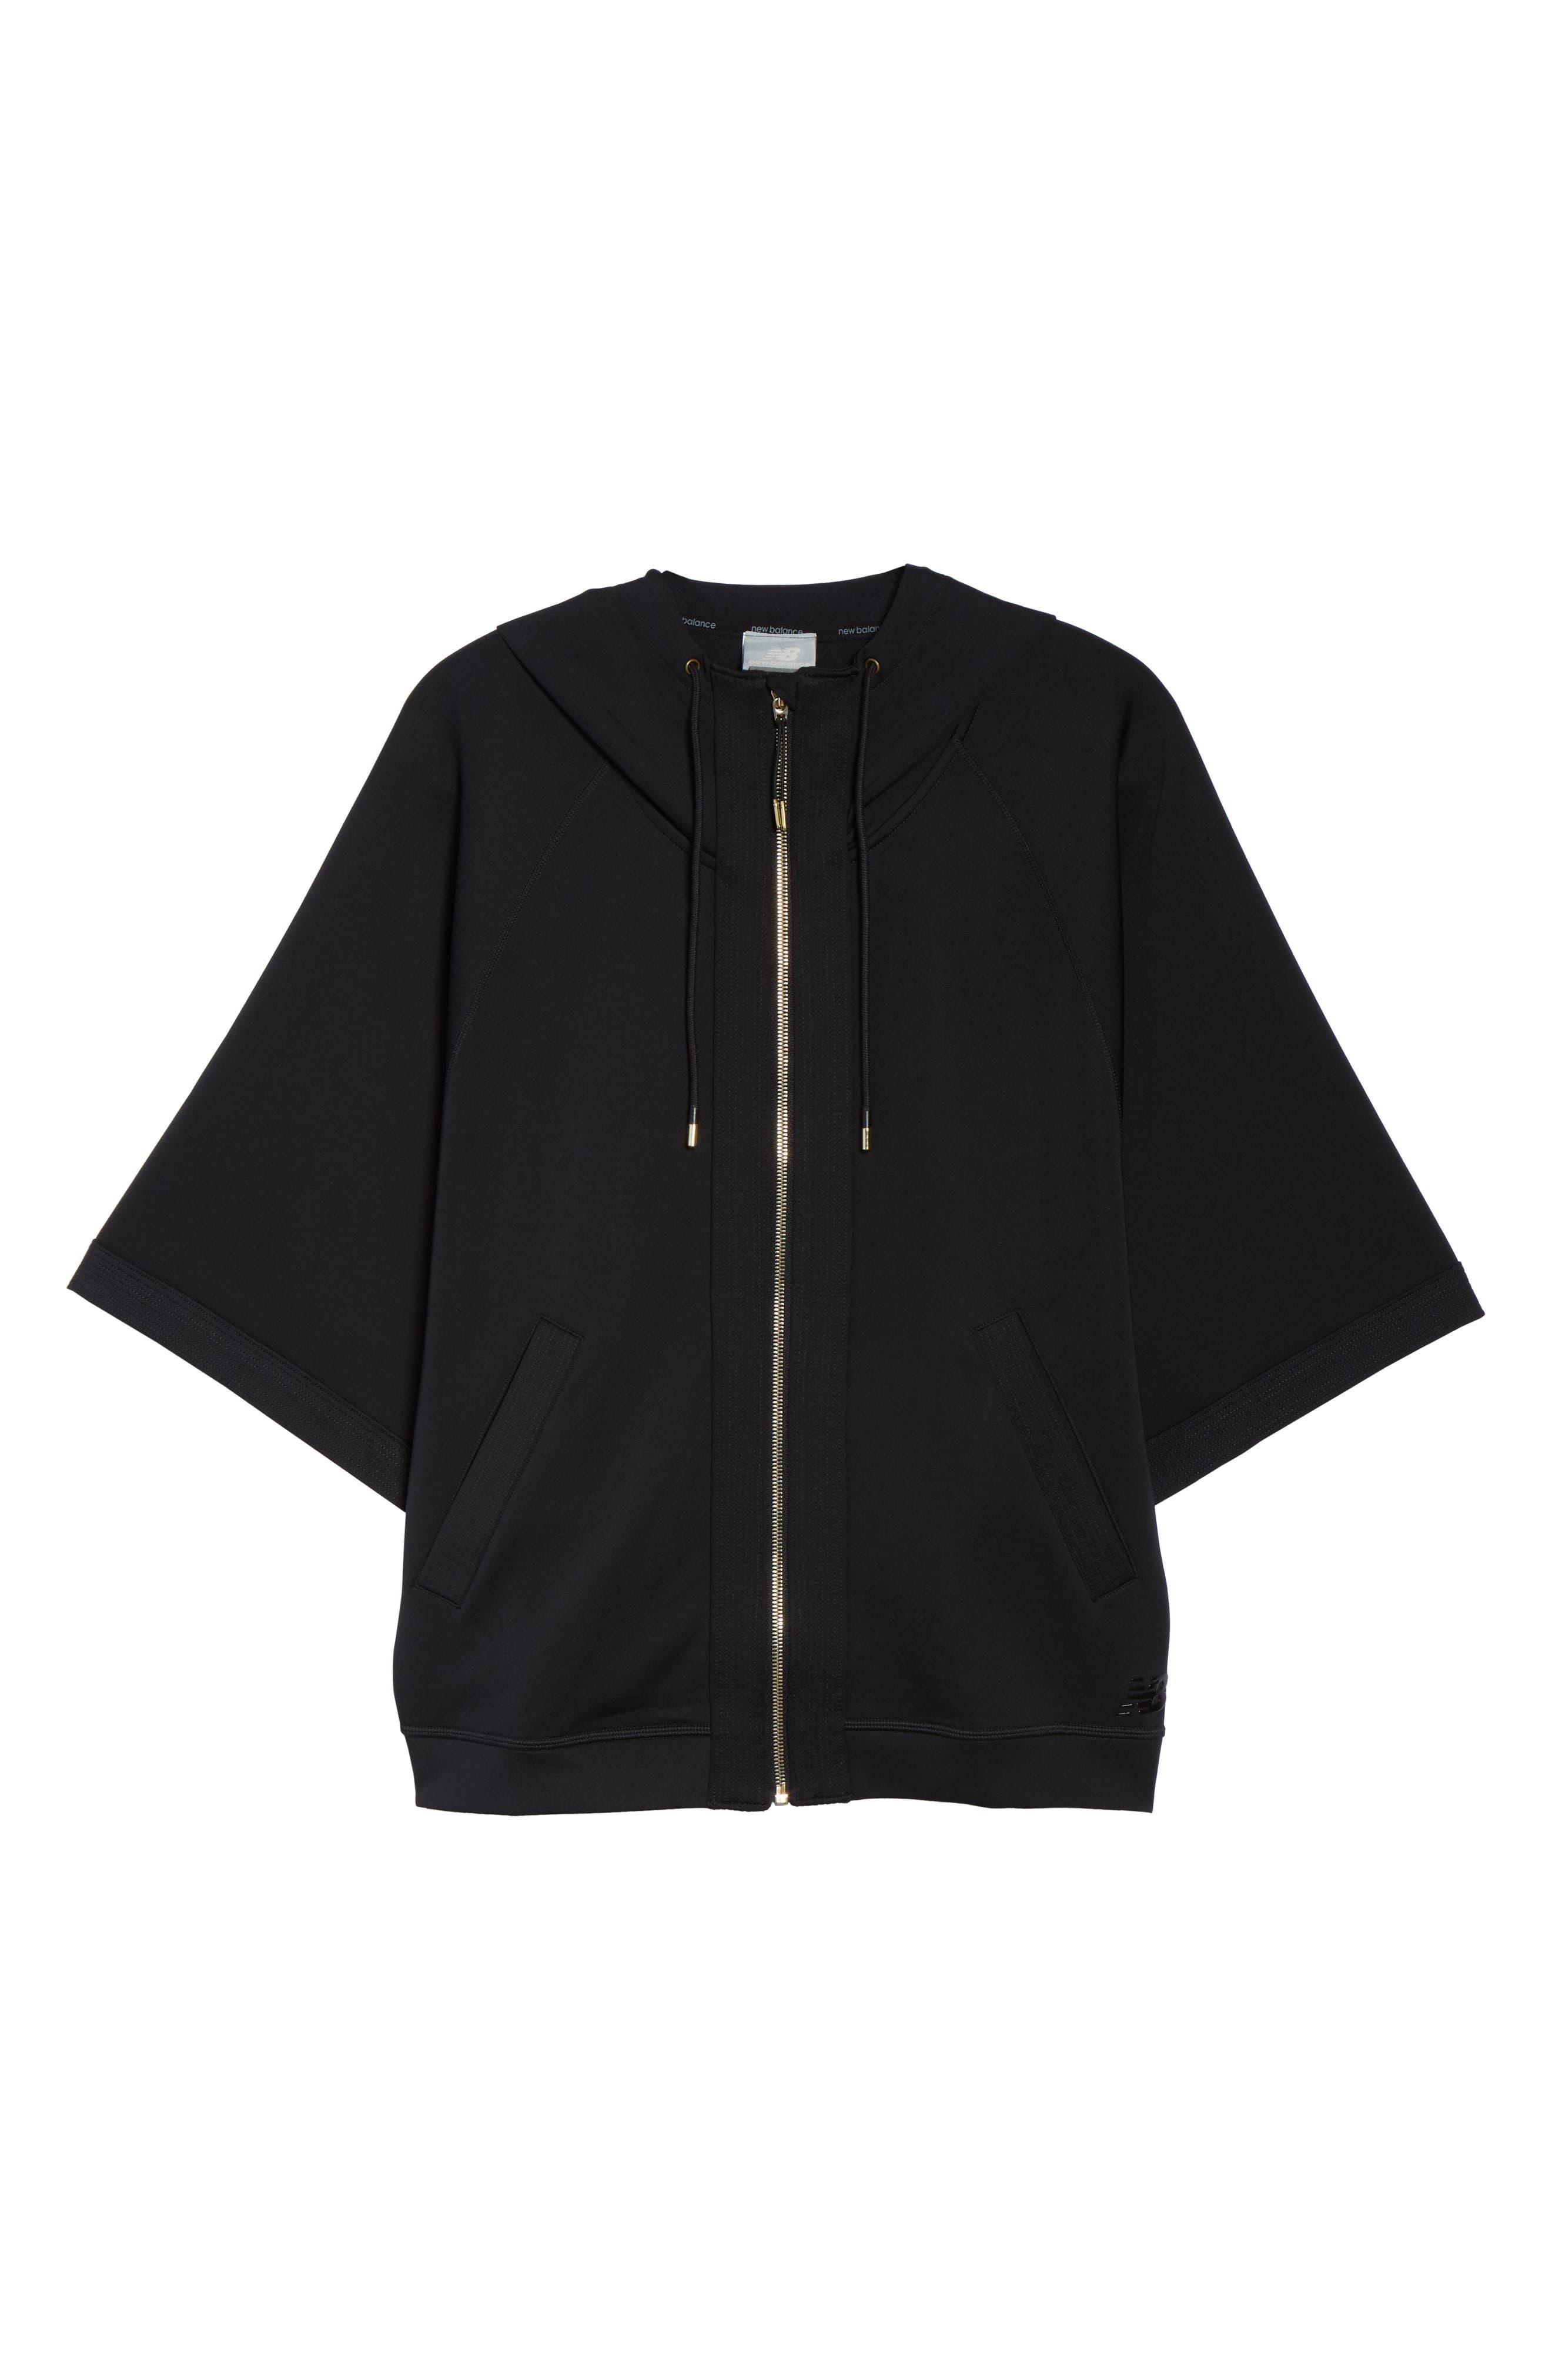 Captivate Kimono Sweatshirt,                             Alternate thumbnail 7, color,                             BLACK